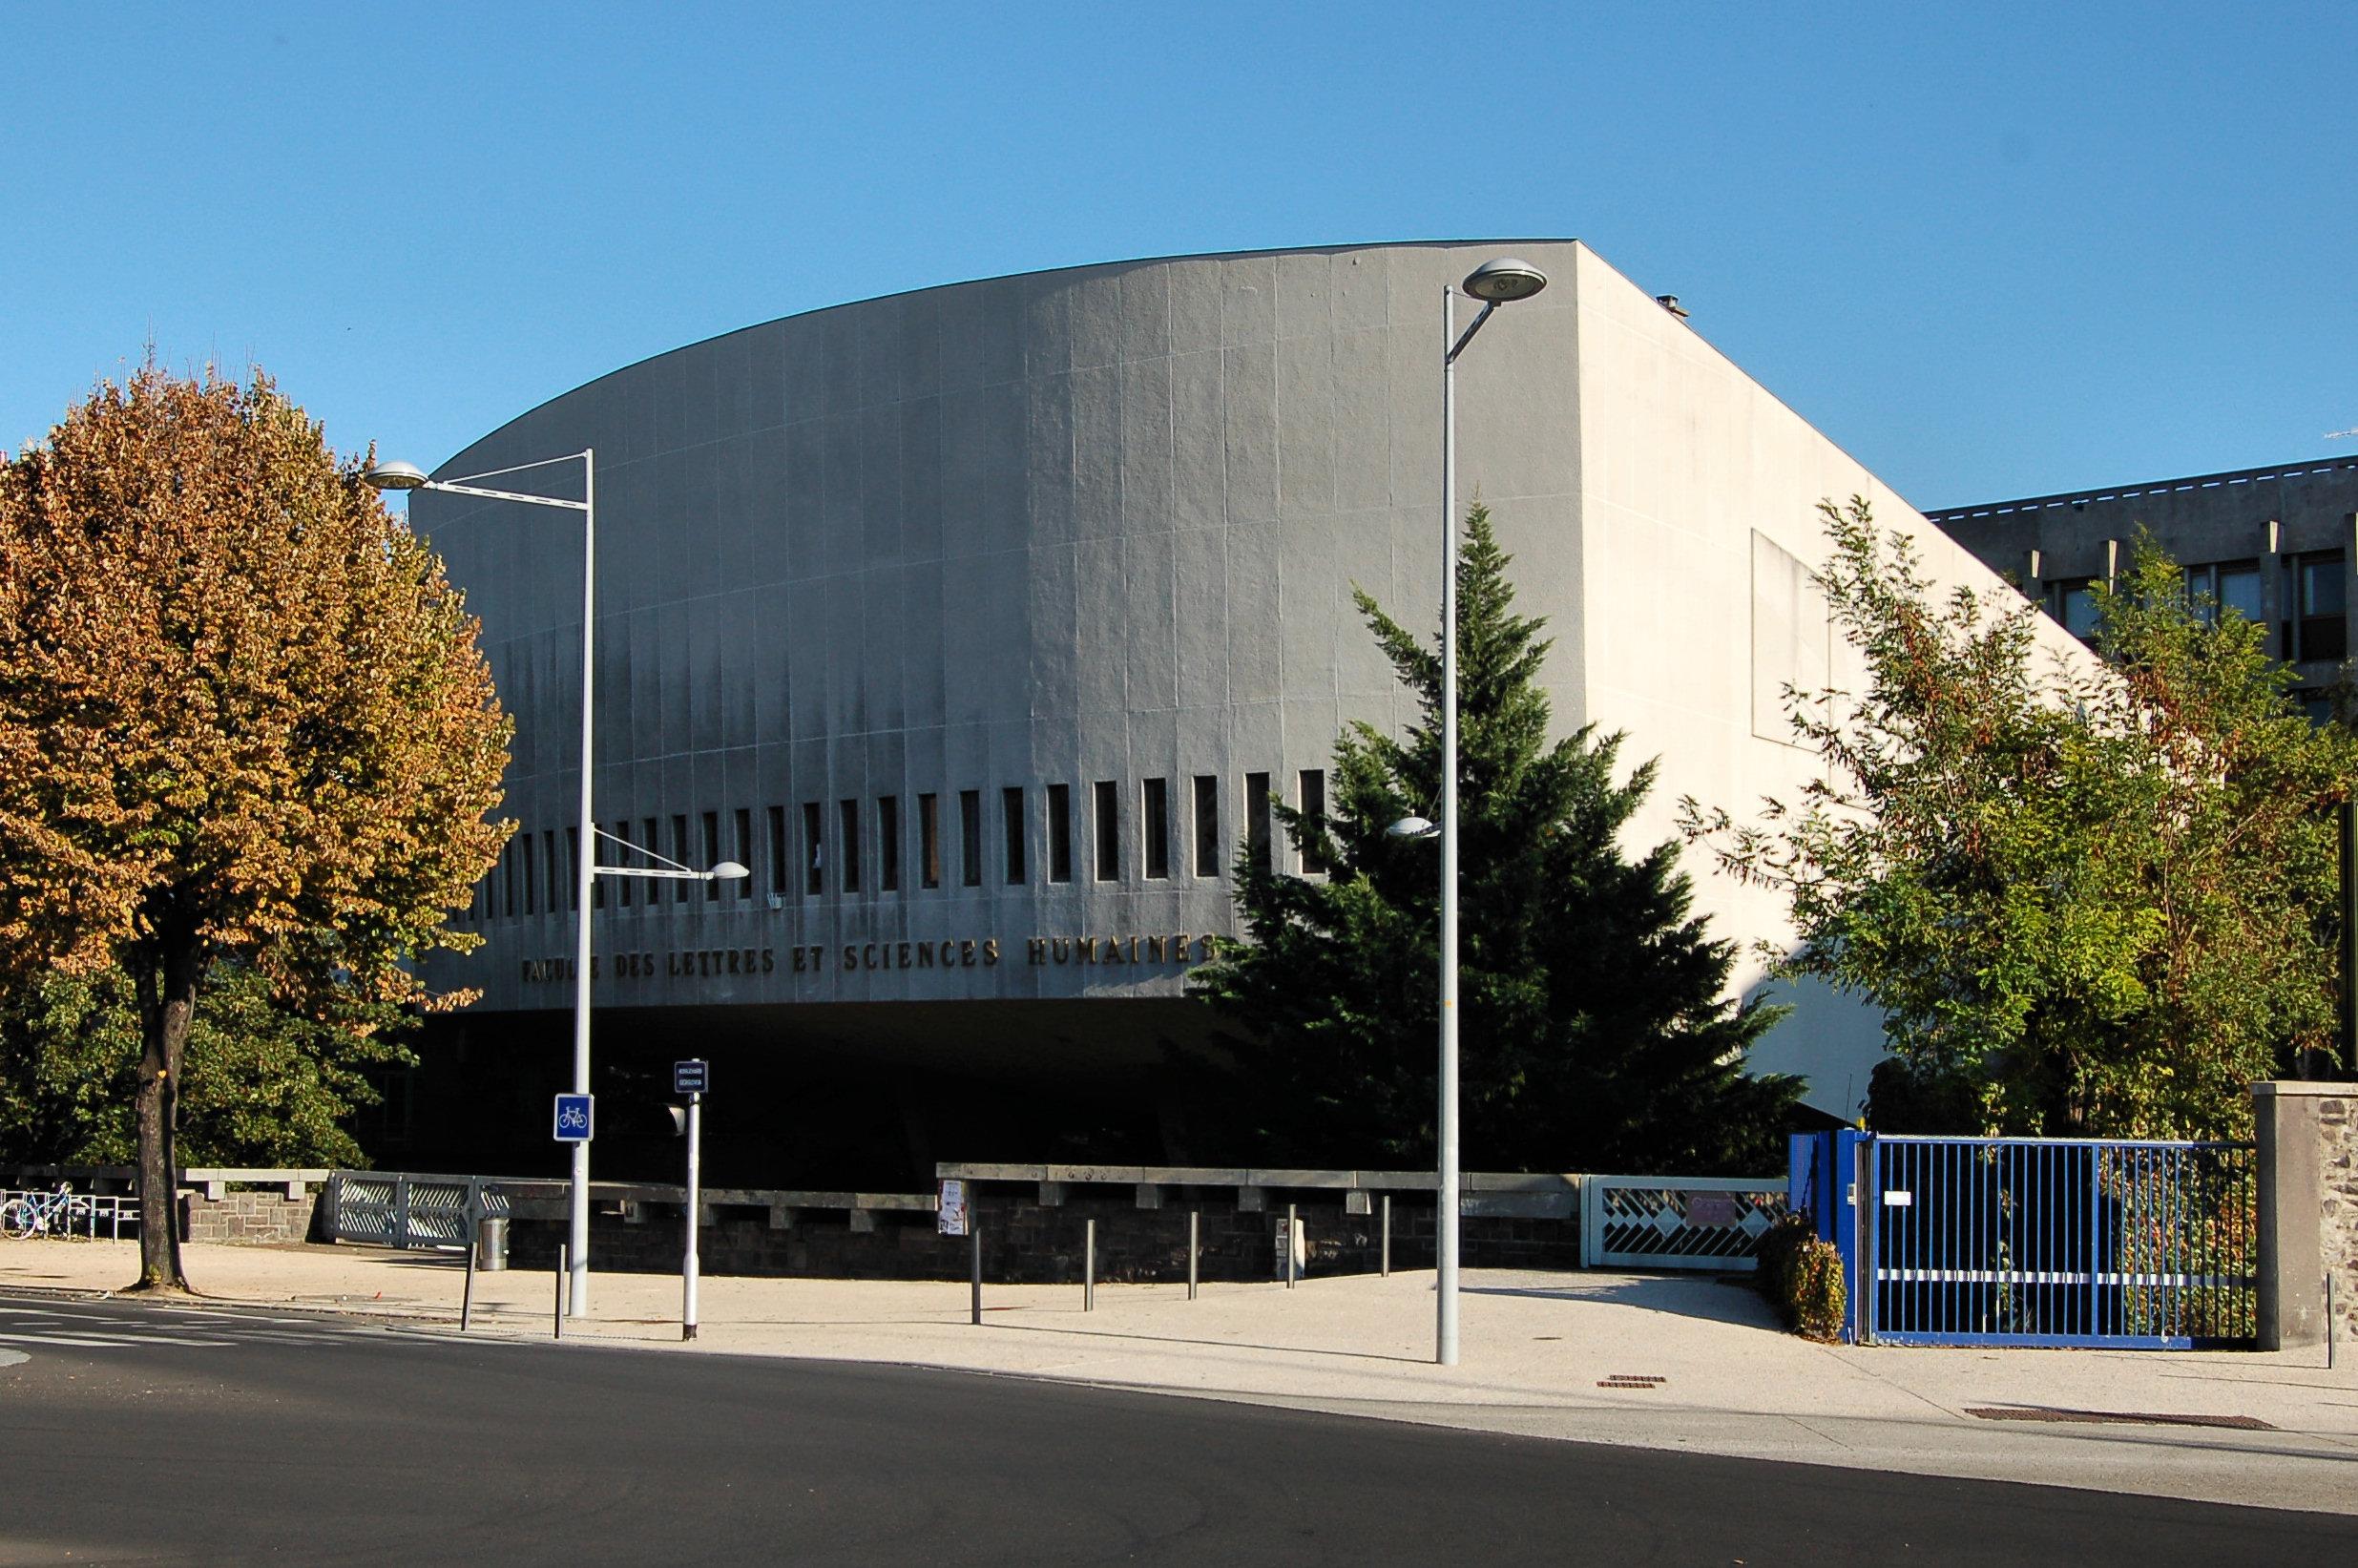 École D Architecture Clermont blaise pascal university - wikipedia